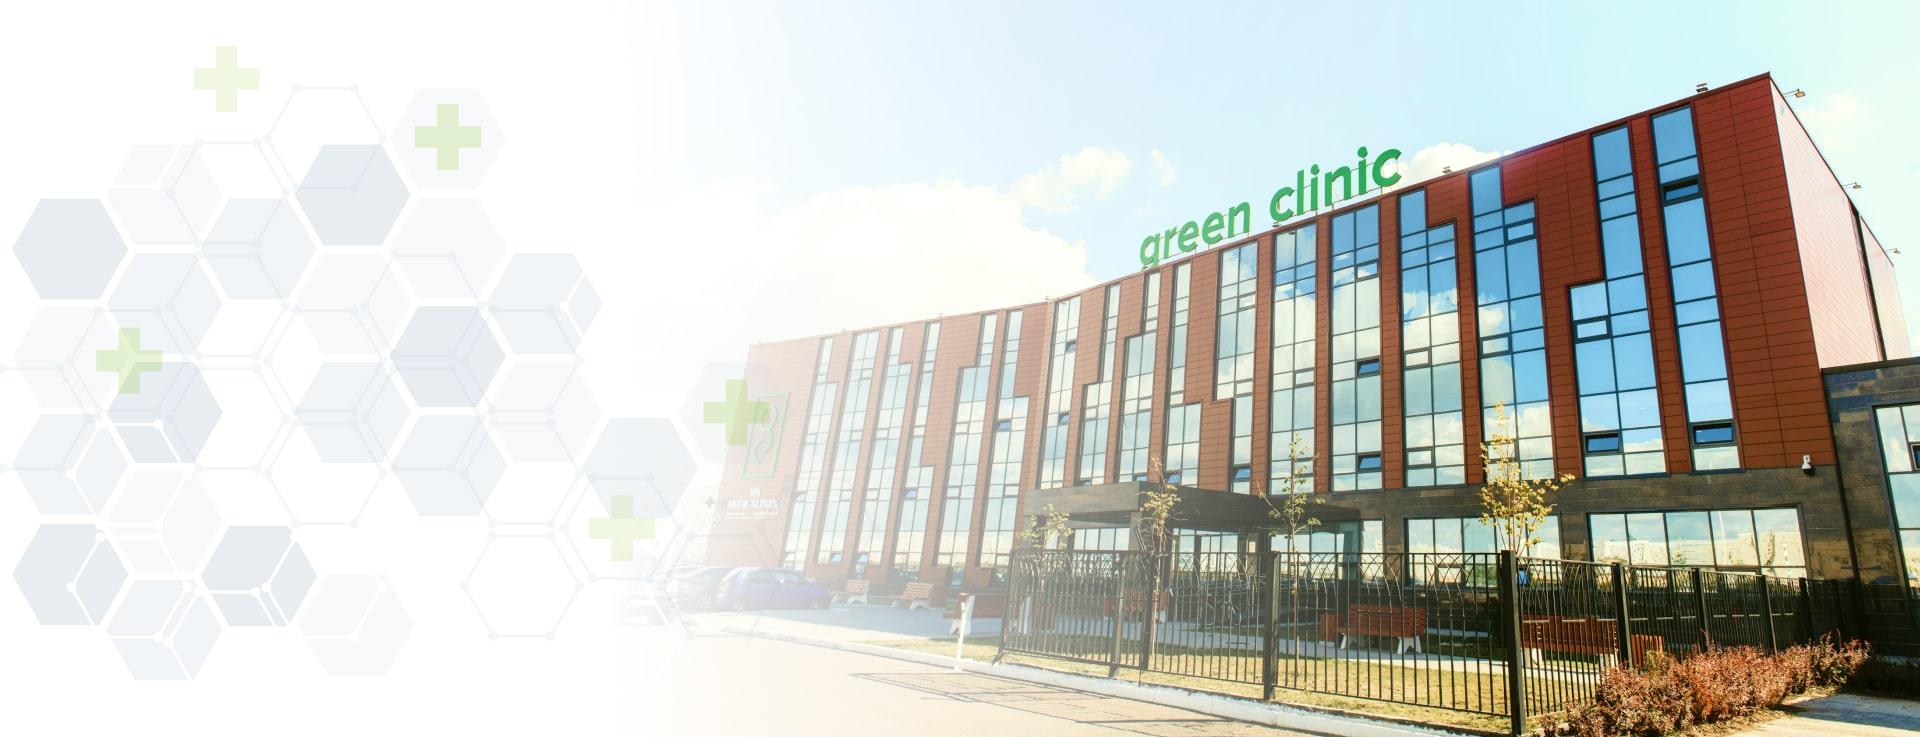 Многопрофильный медицинский центр-Green Clinic